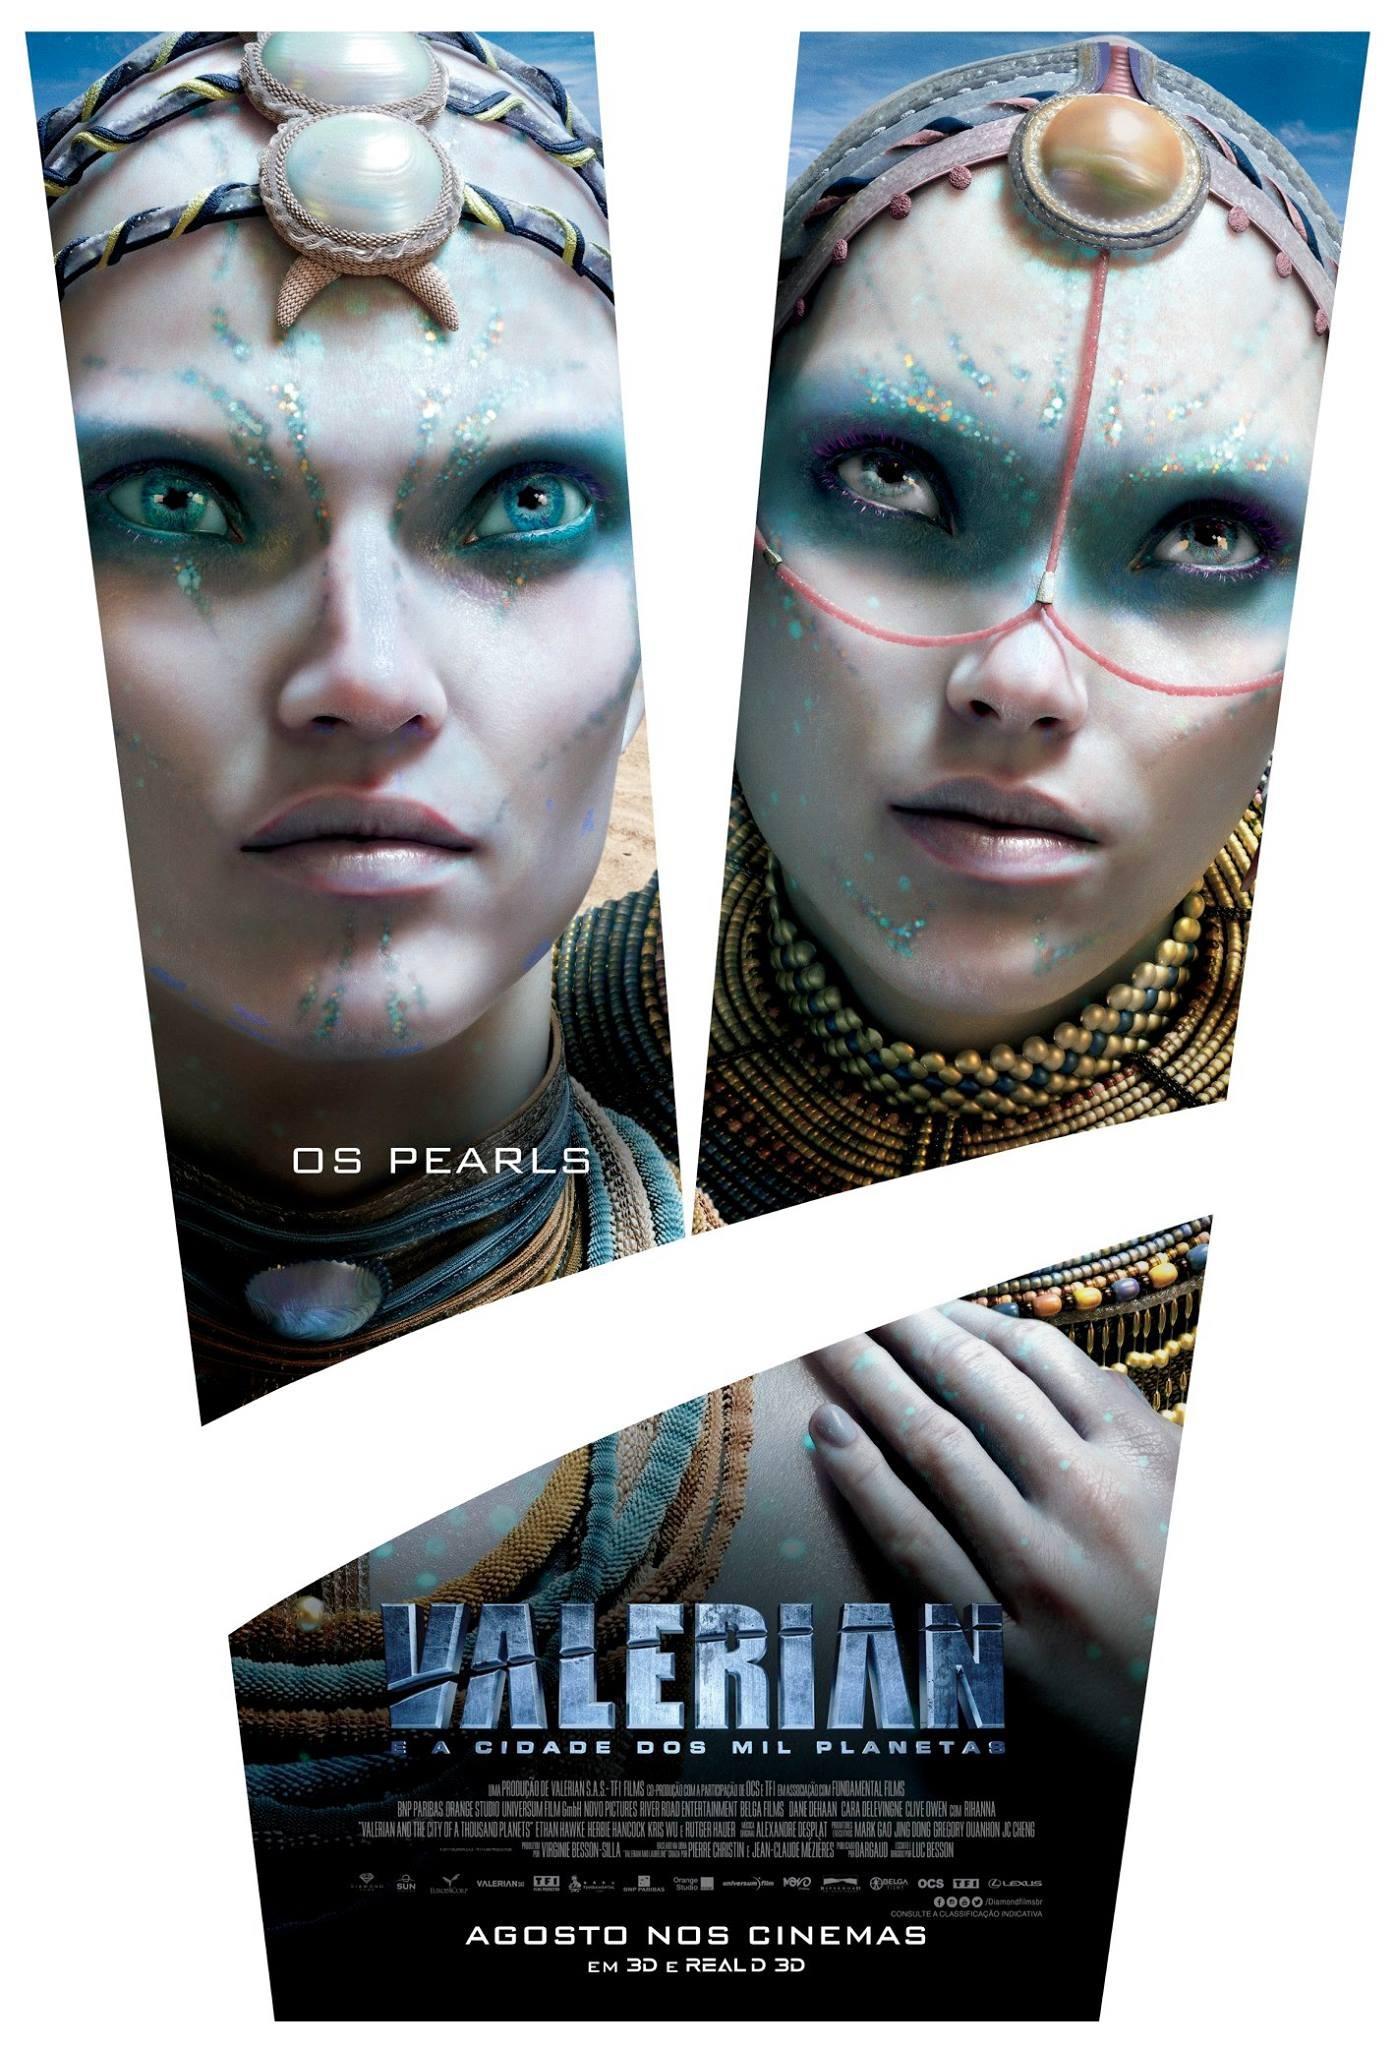 Валериан игород тысячи планет, постер № 13